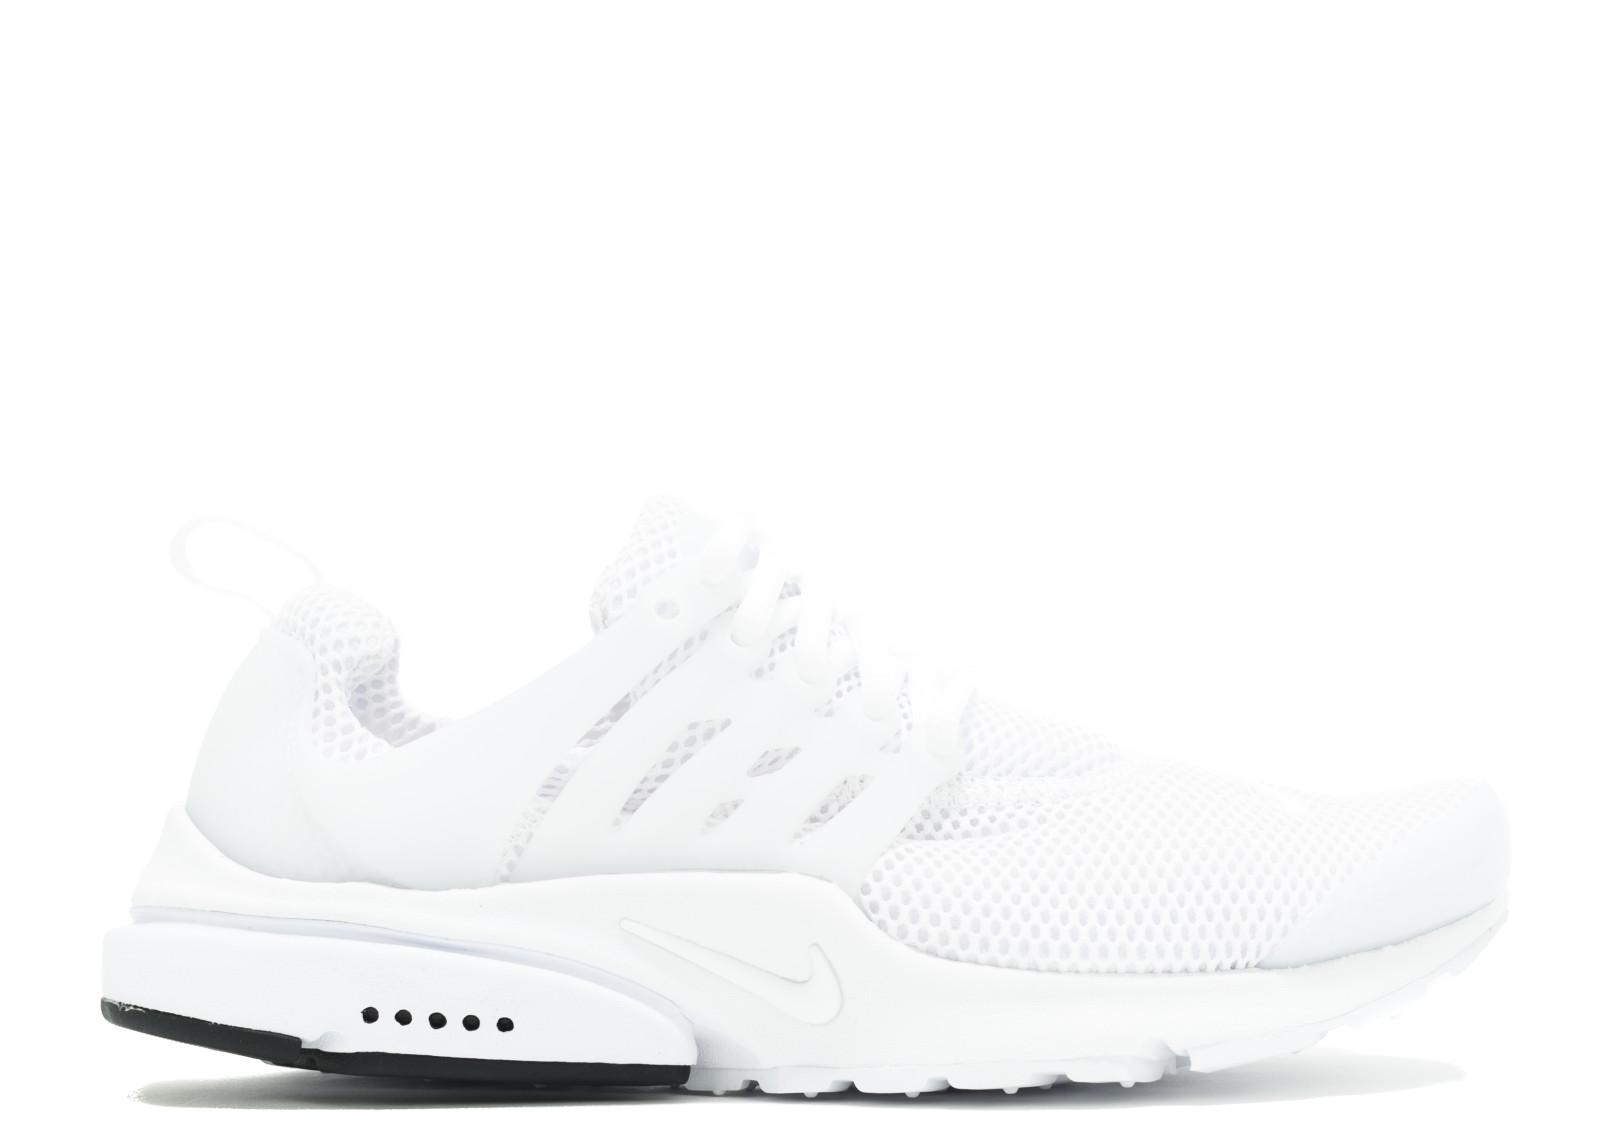 49c8c5c8d2be9 Kick Avenue - Authentic Sneakers